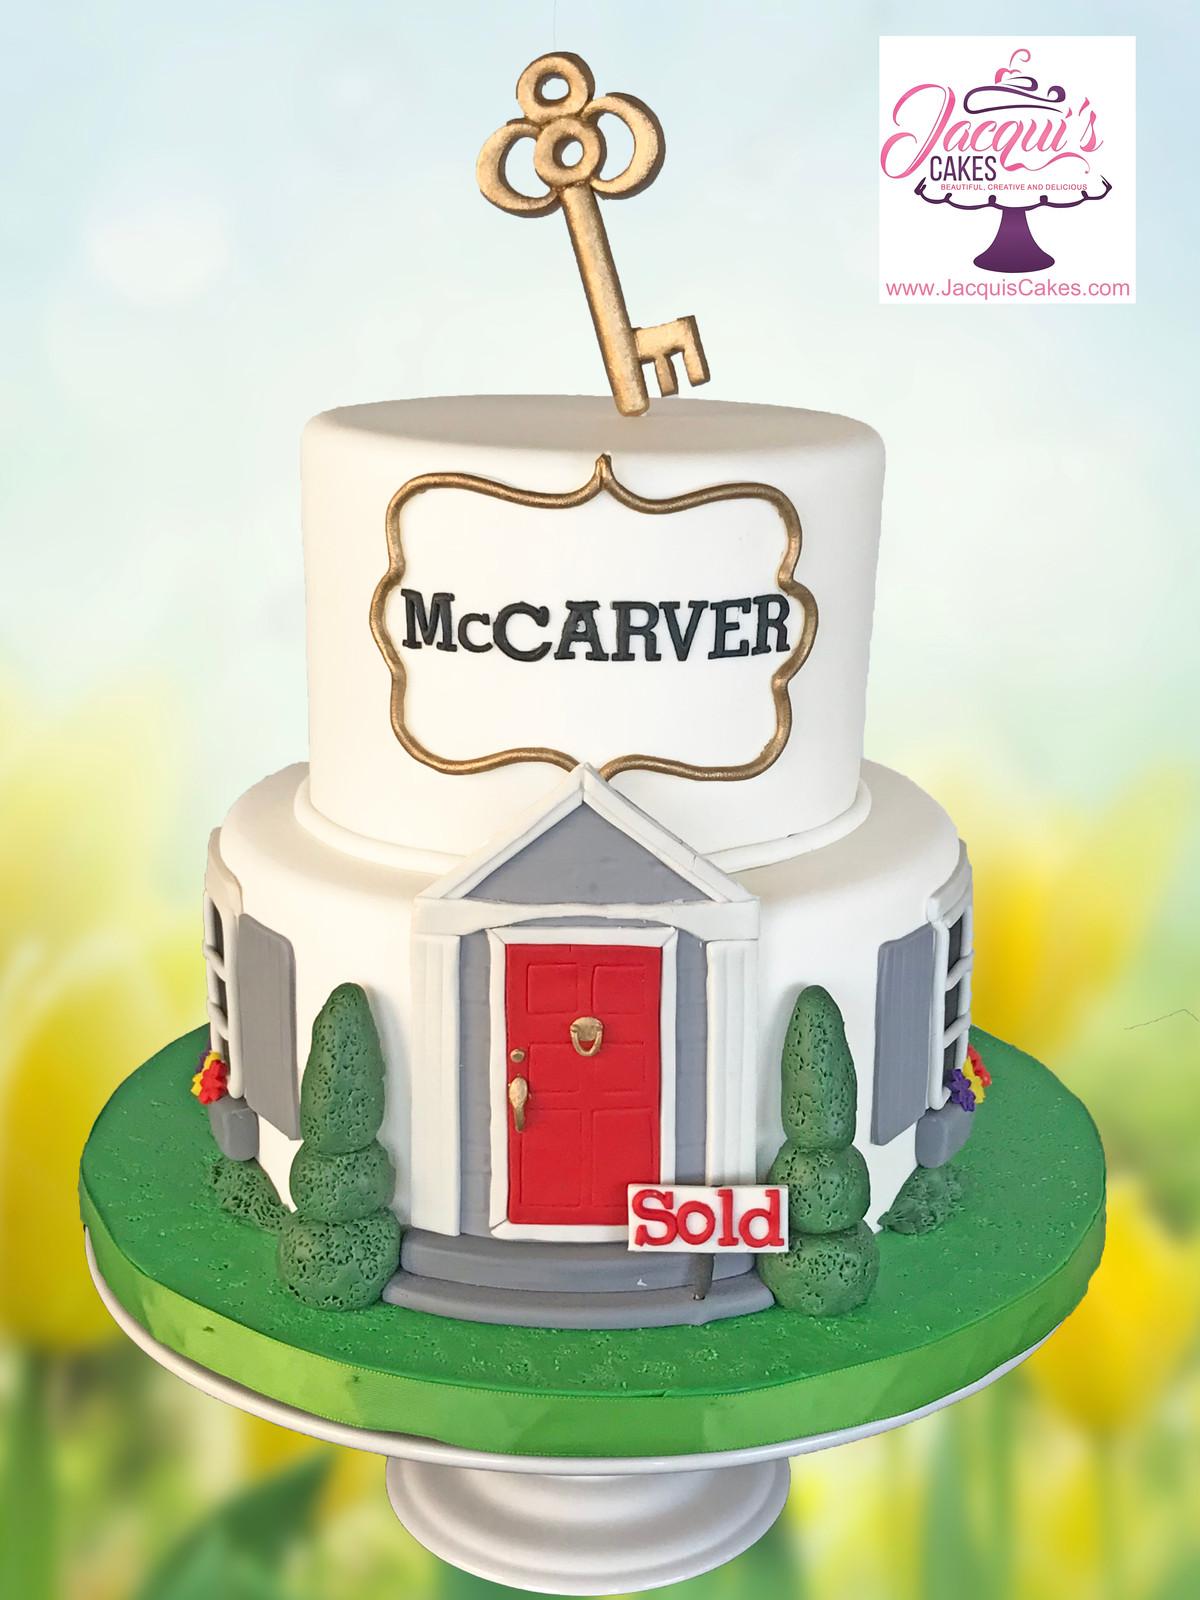 Jacqui\u0027s Cakes